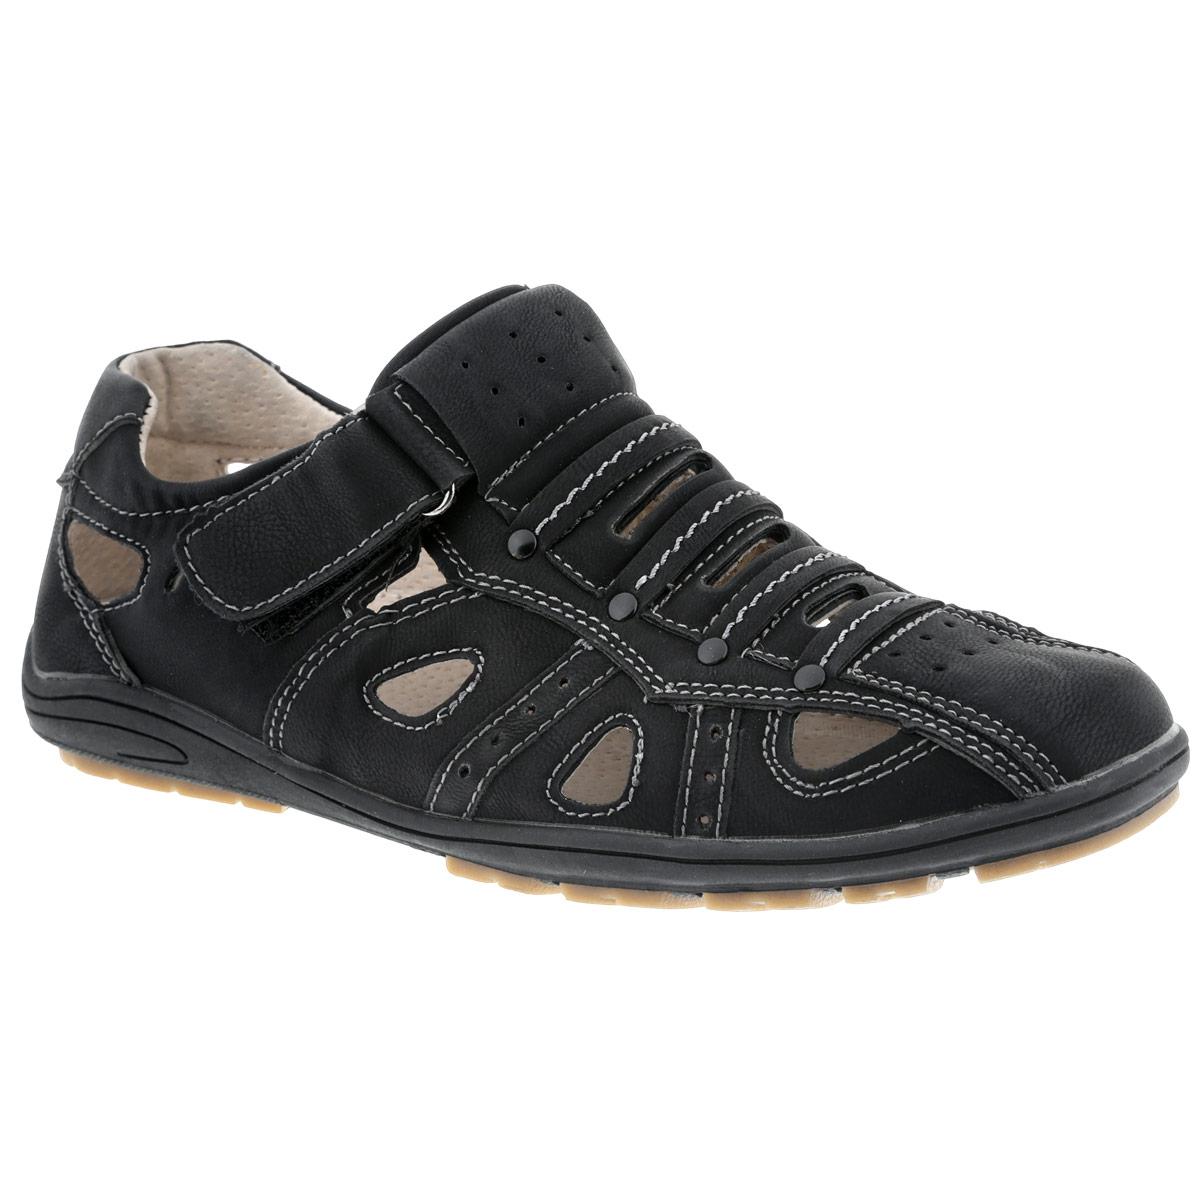 Туфли для мальчика. ADL-3ADL-3Стильные туфли от Adagio покорят вашего мальчика с первого взгляда! Модель выполнена из искусственной кожи и оформлена декоративной прострочкой, перфорацией для лучшей воздухопроницаемости. Подъем декорирован металлическими заклепками. Ремешок на застежке-липучке надежно зафиксирует обувь на ноге. Стелька из натуральной кожи дополнена супинатором с перфорацией, который обеспечивает правильное положение ноги ребенка при ходьбе, предотвращает плоскостопие. Рифленая поверхность подошвы защищает изделие от скольжения. Удобные туфли - незаменимая вещь в гардеробе каждого ребенка.